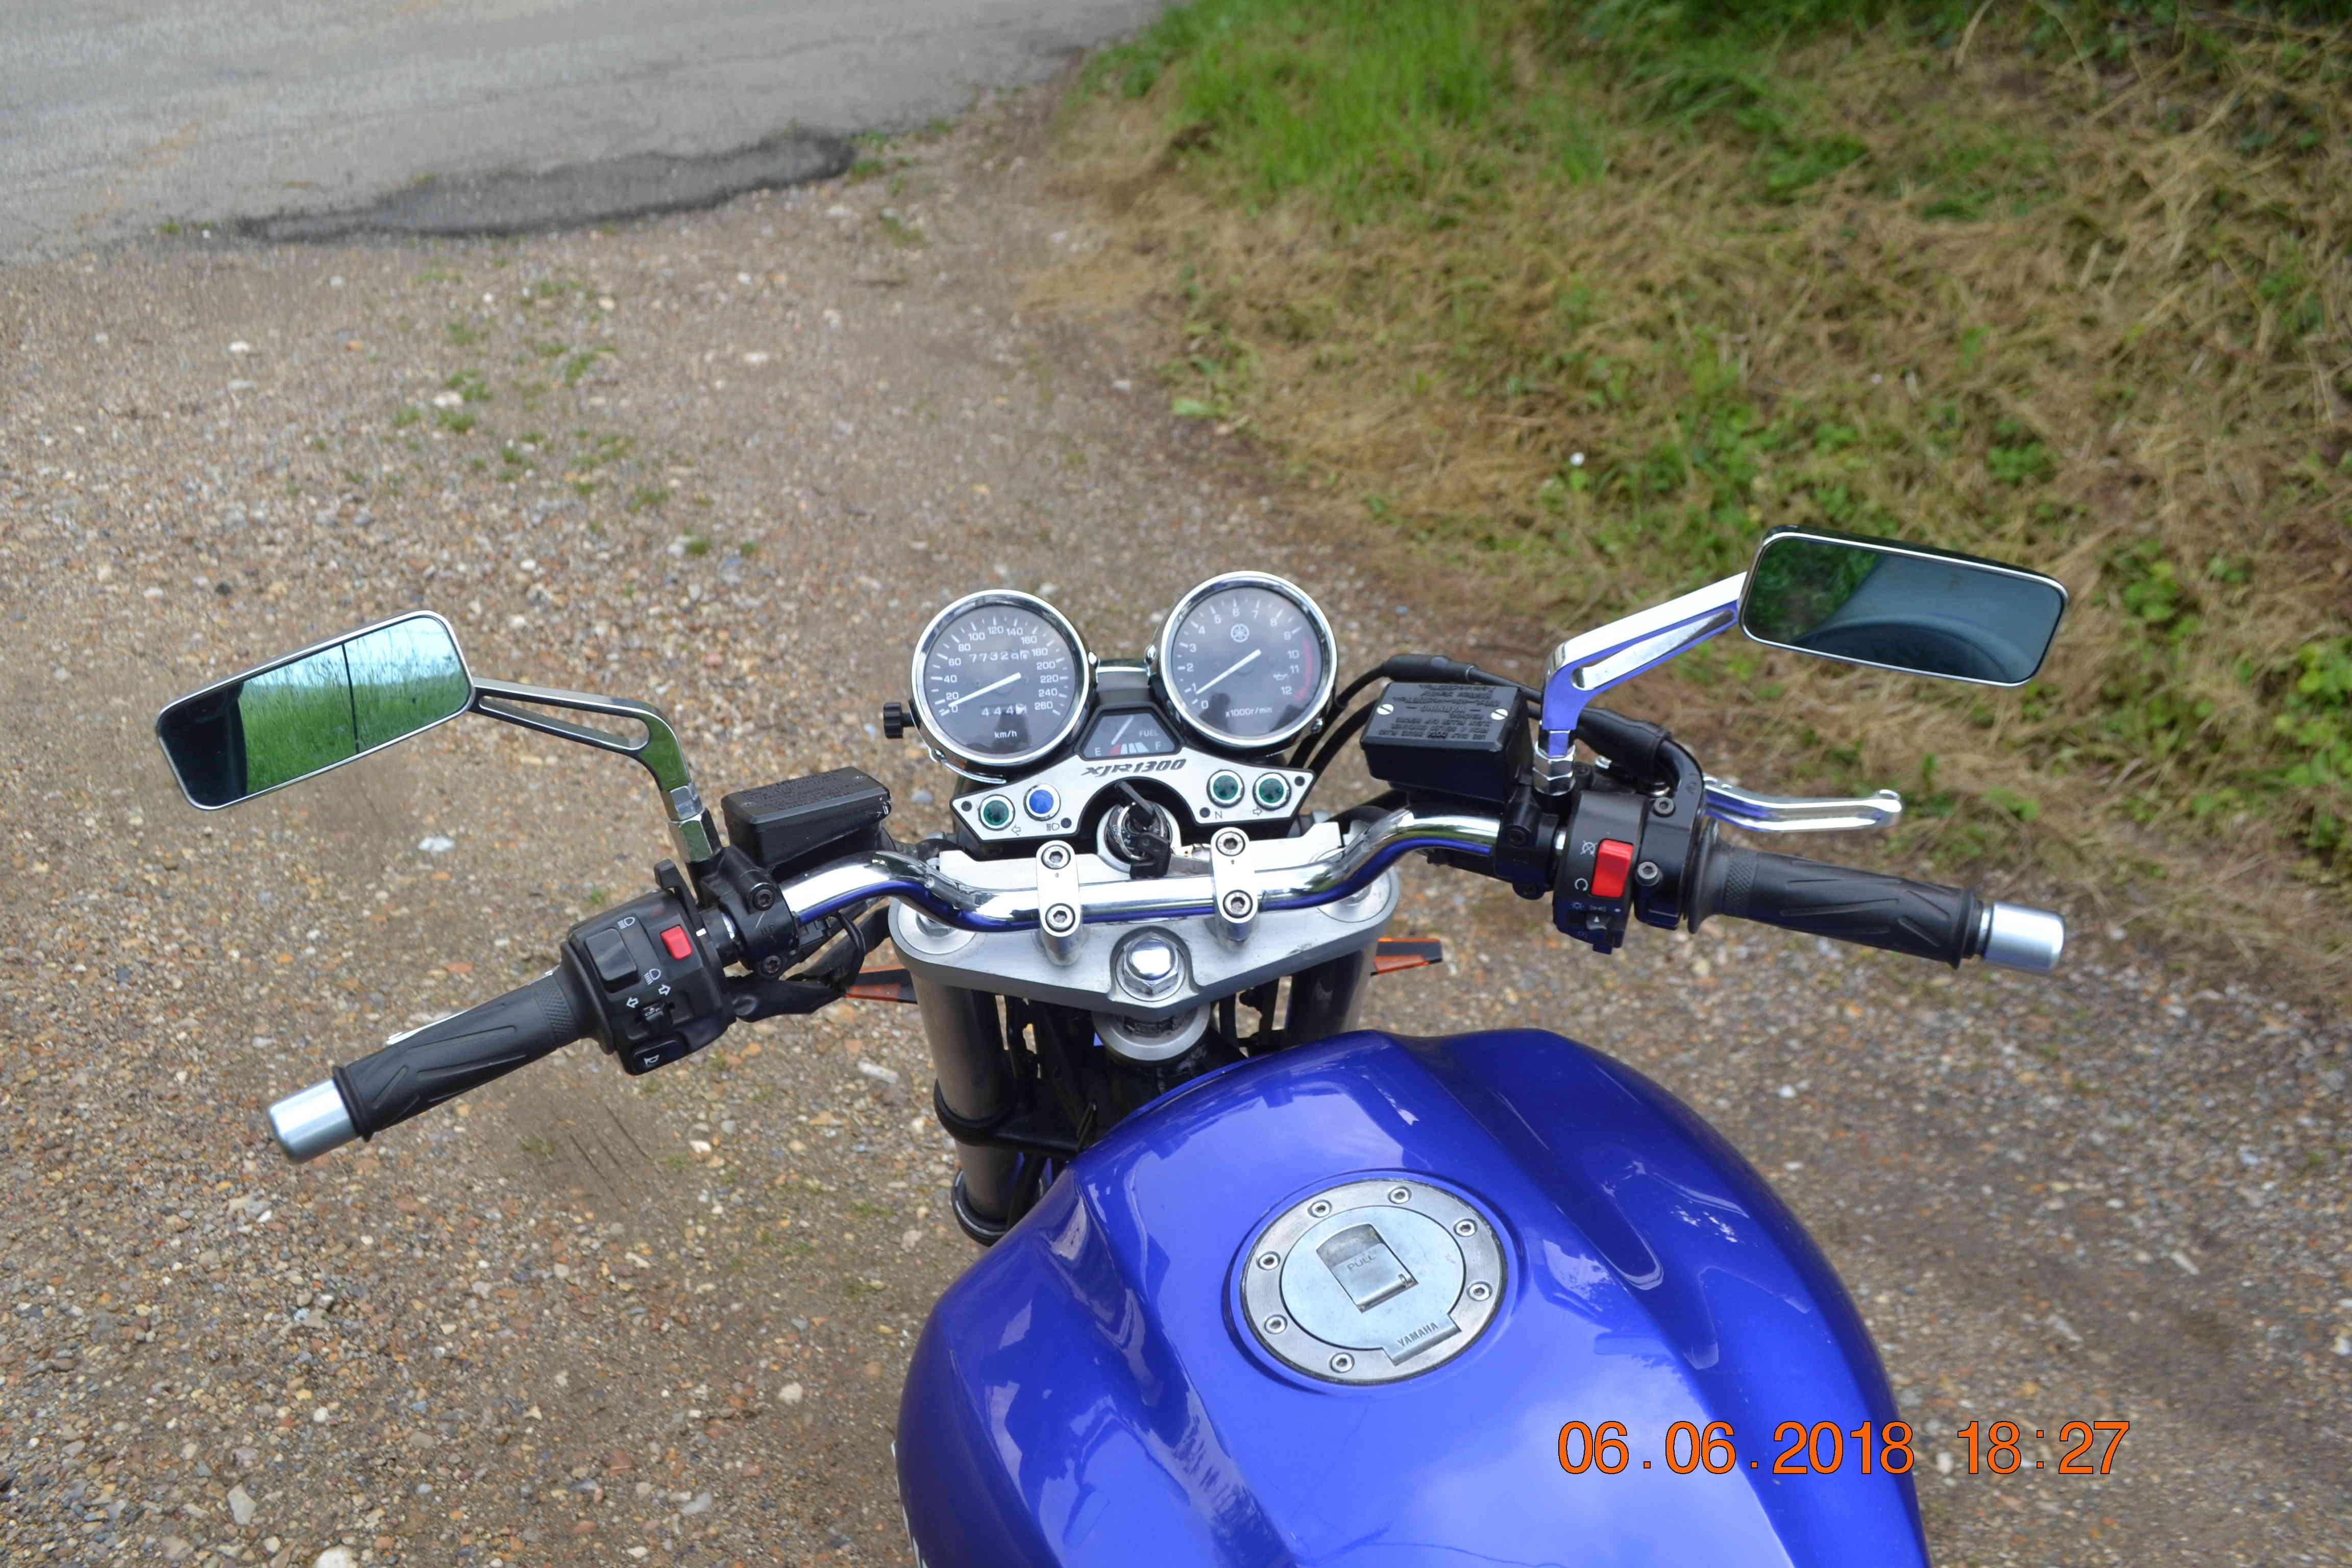 1300 xjr modele 2002 bleue Vendue Dsc_0155